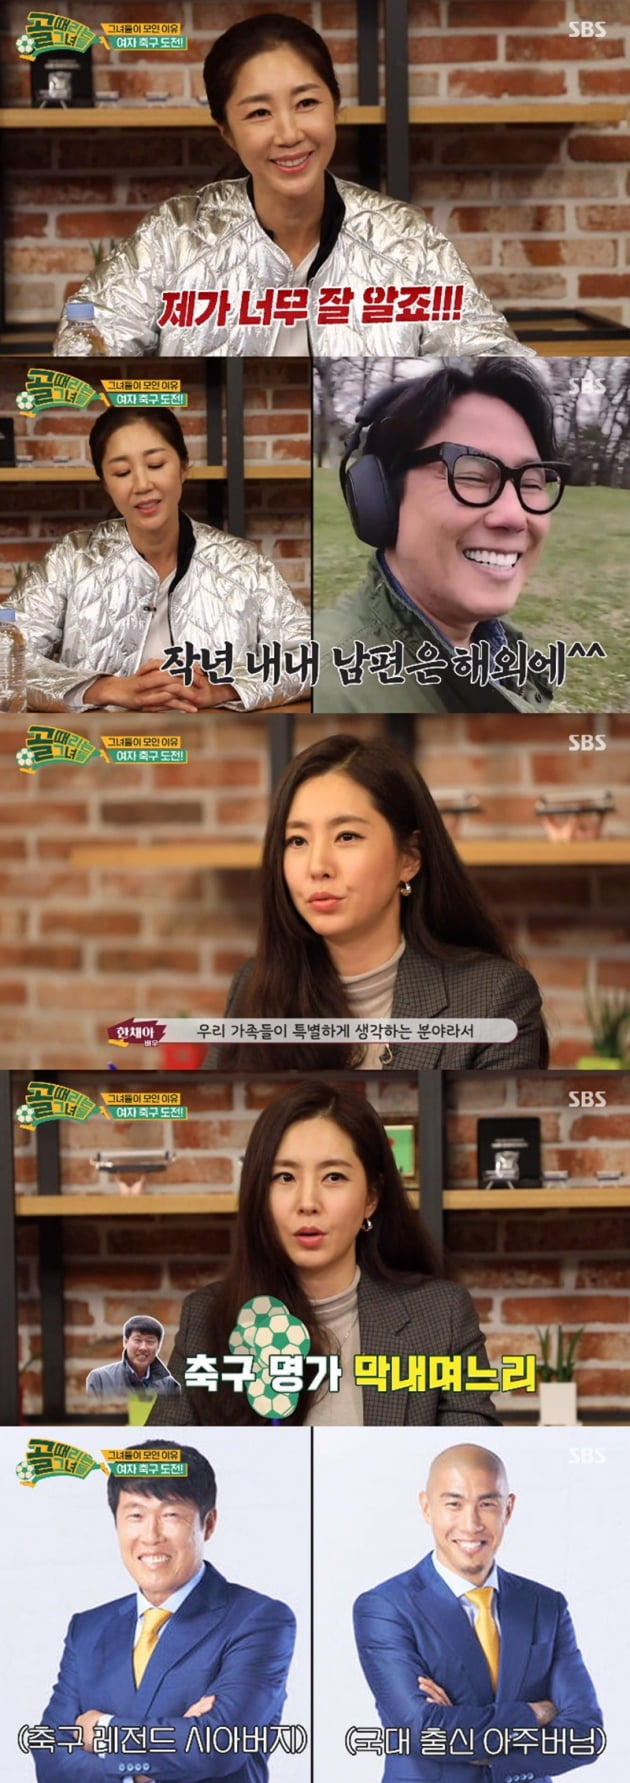 '골때리는 그녀들' 한채아 / 사진 = SBS 영상 캡처